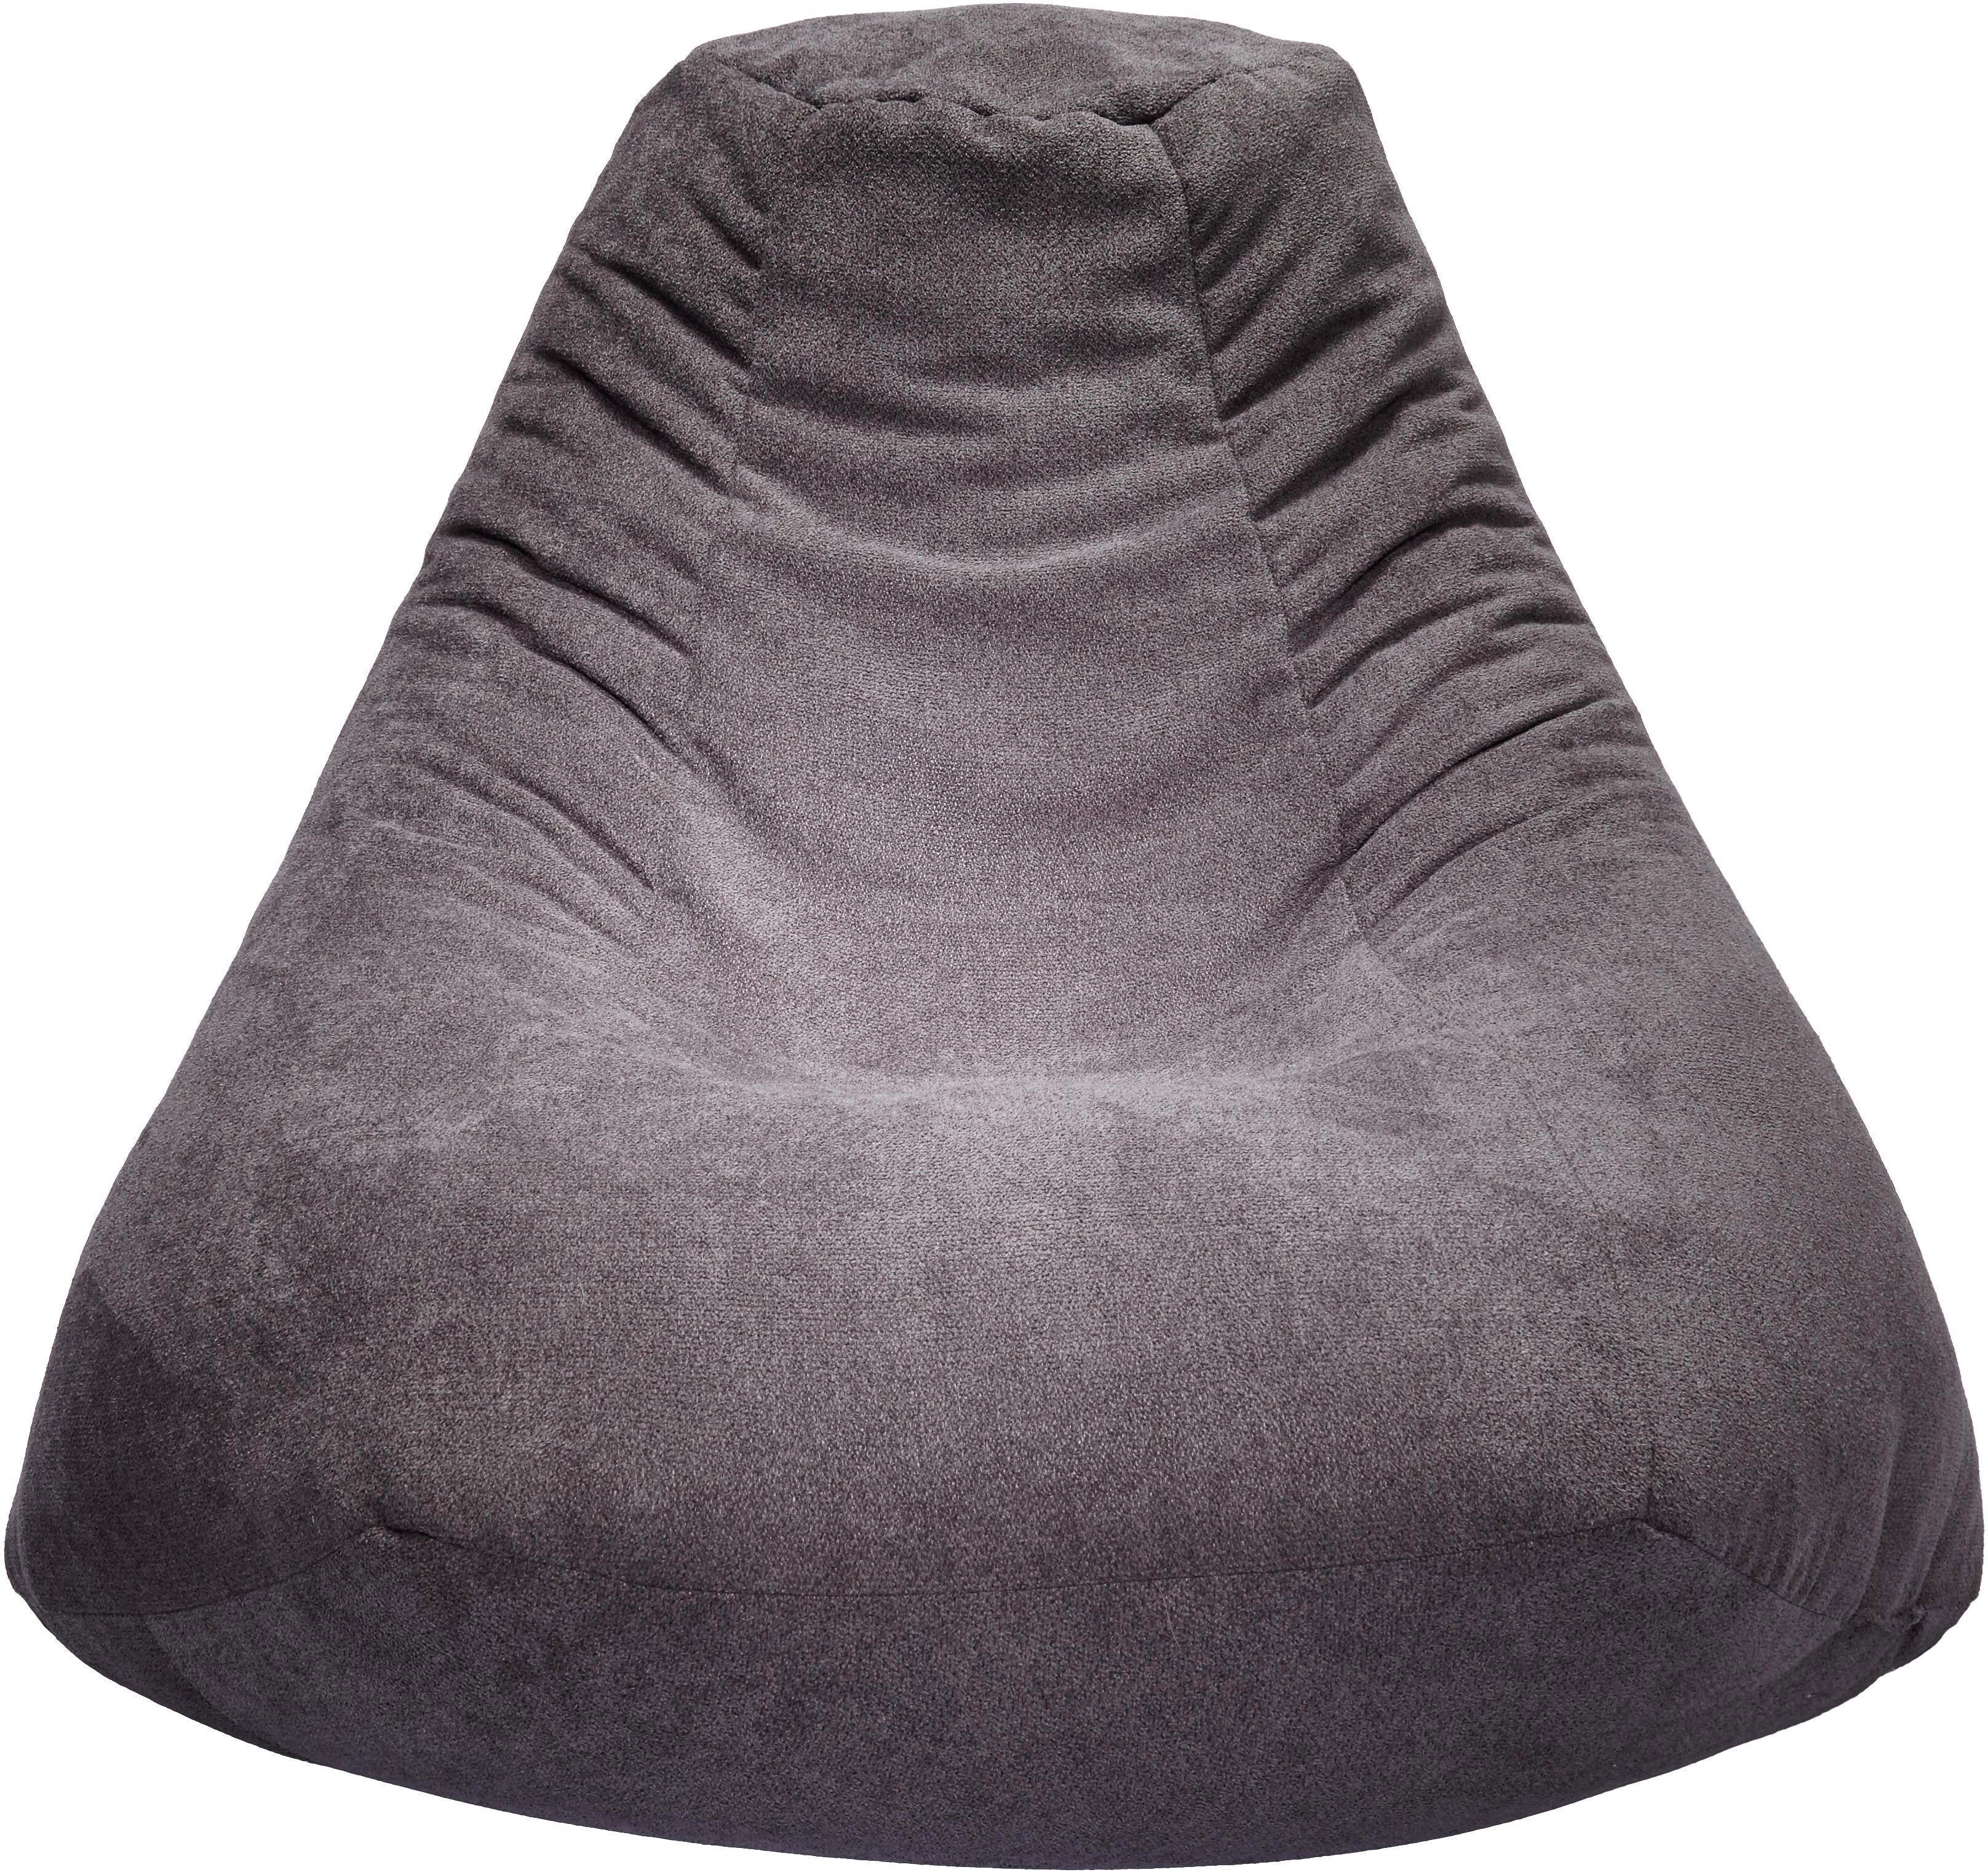 Sitzsack in Grau - Grau, MODERN, Textil (85/90/85cm) - MODERN LIVING